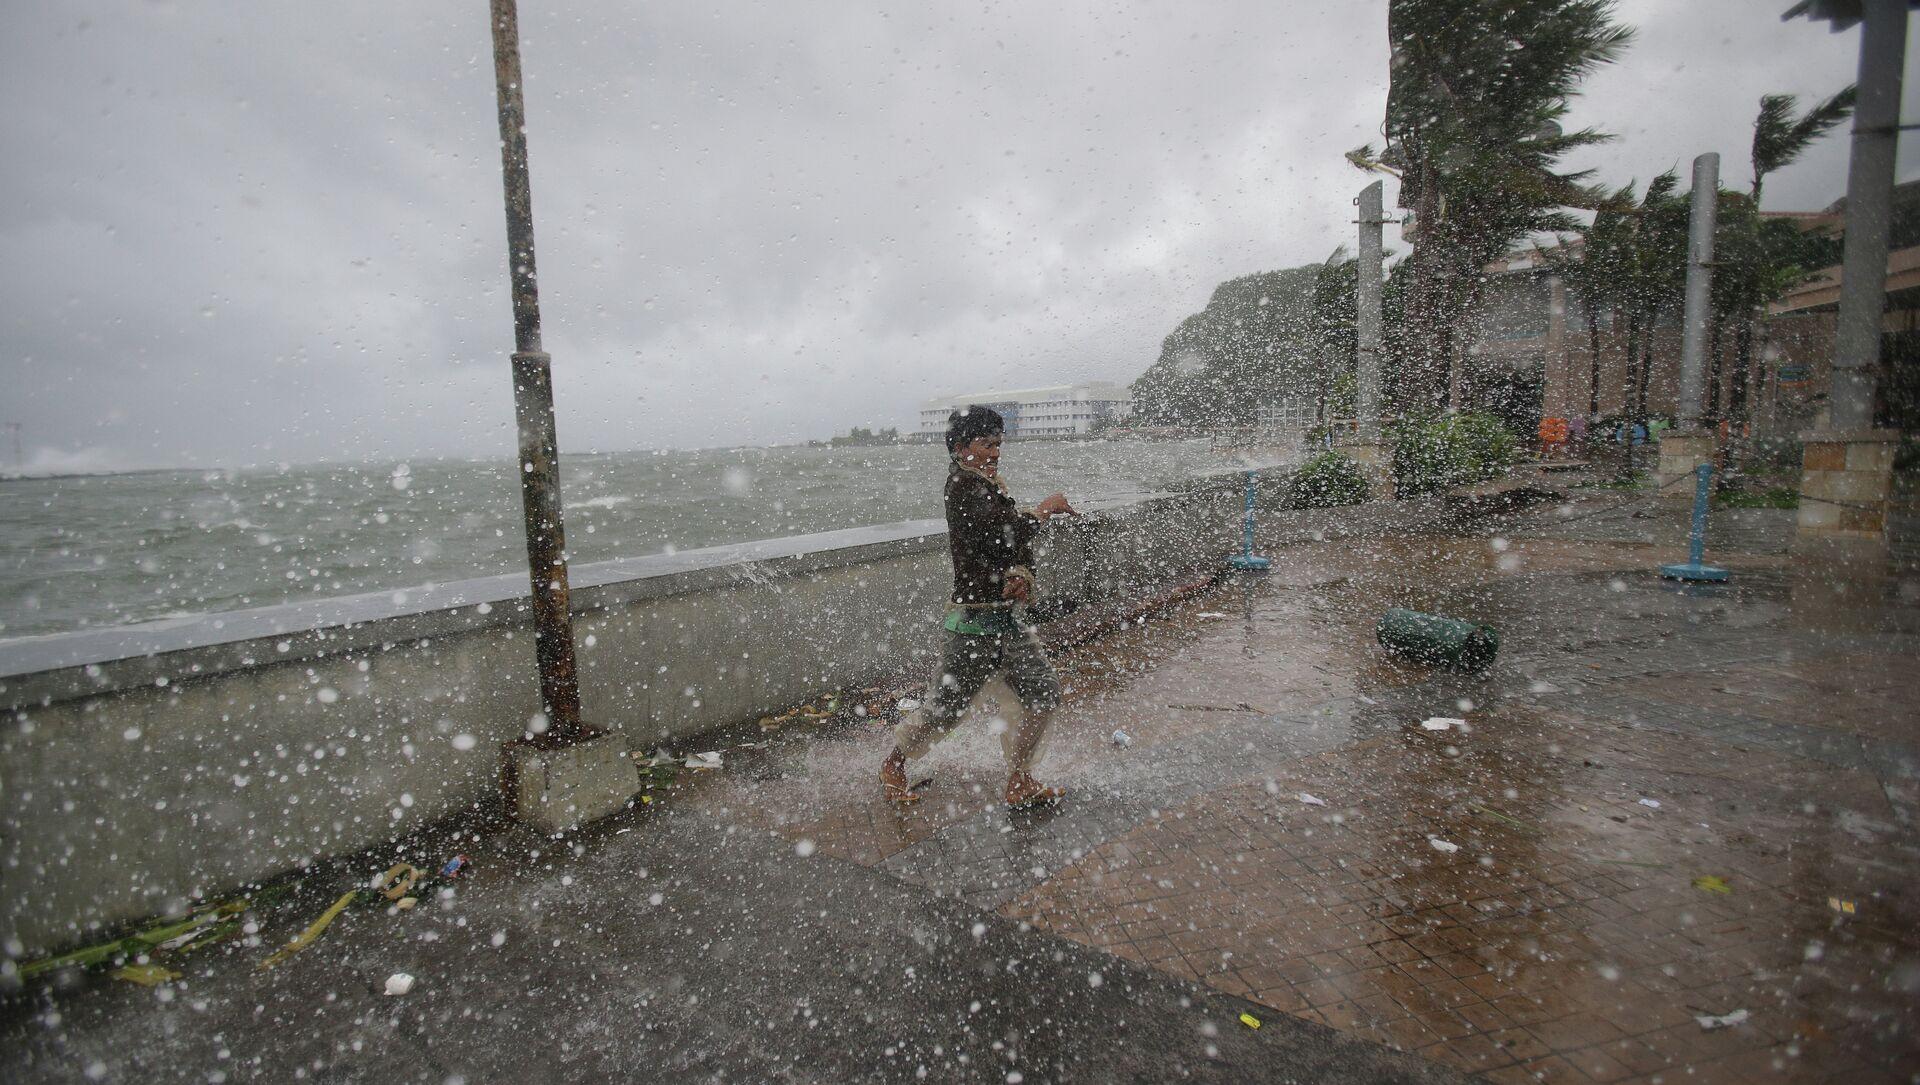 Tifone alle Filippine  - Sputnik Italia, 1920, 17.04.2021